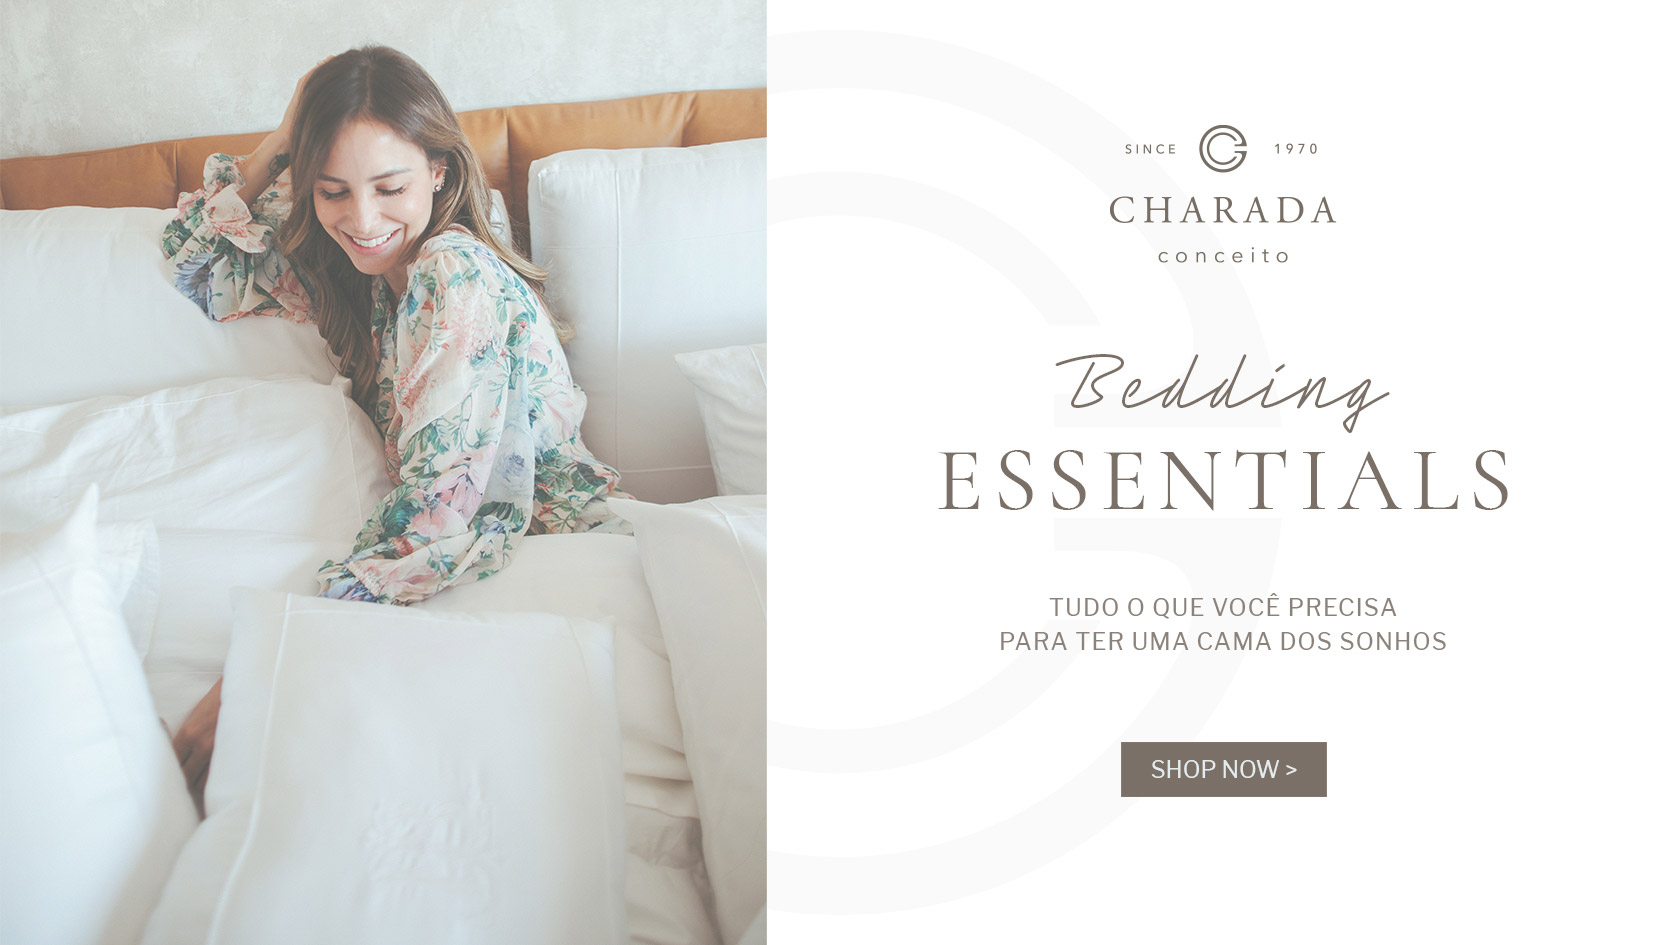 Banner - Bedding Essentials